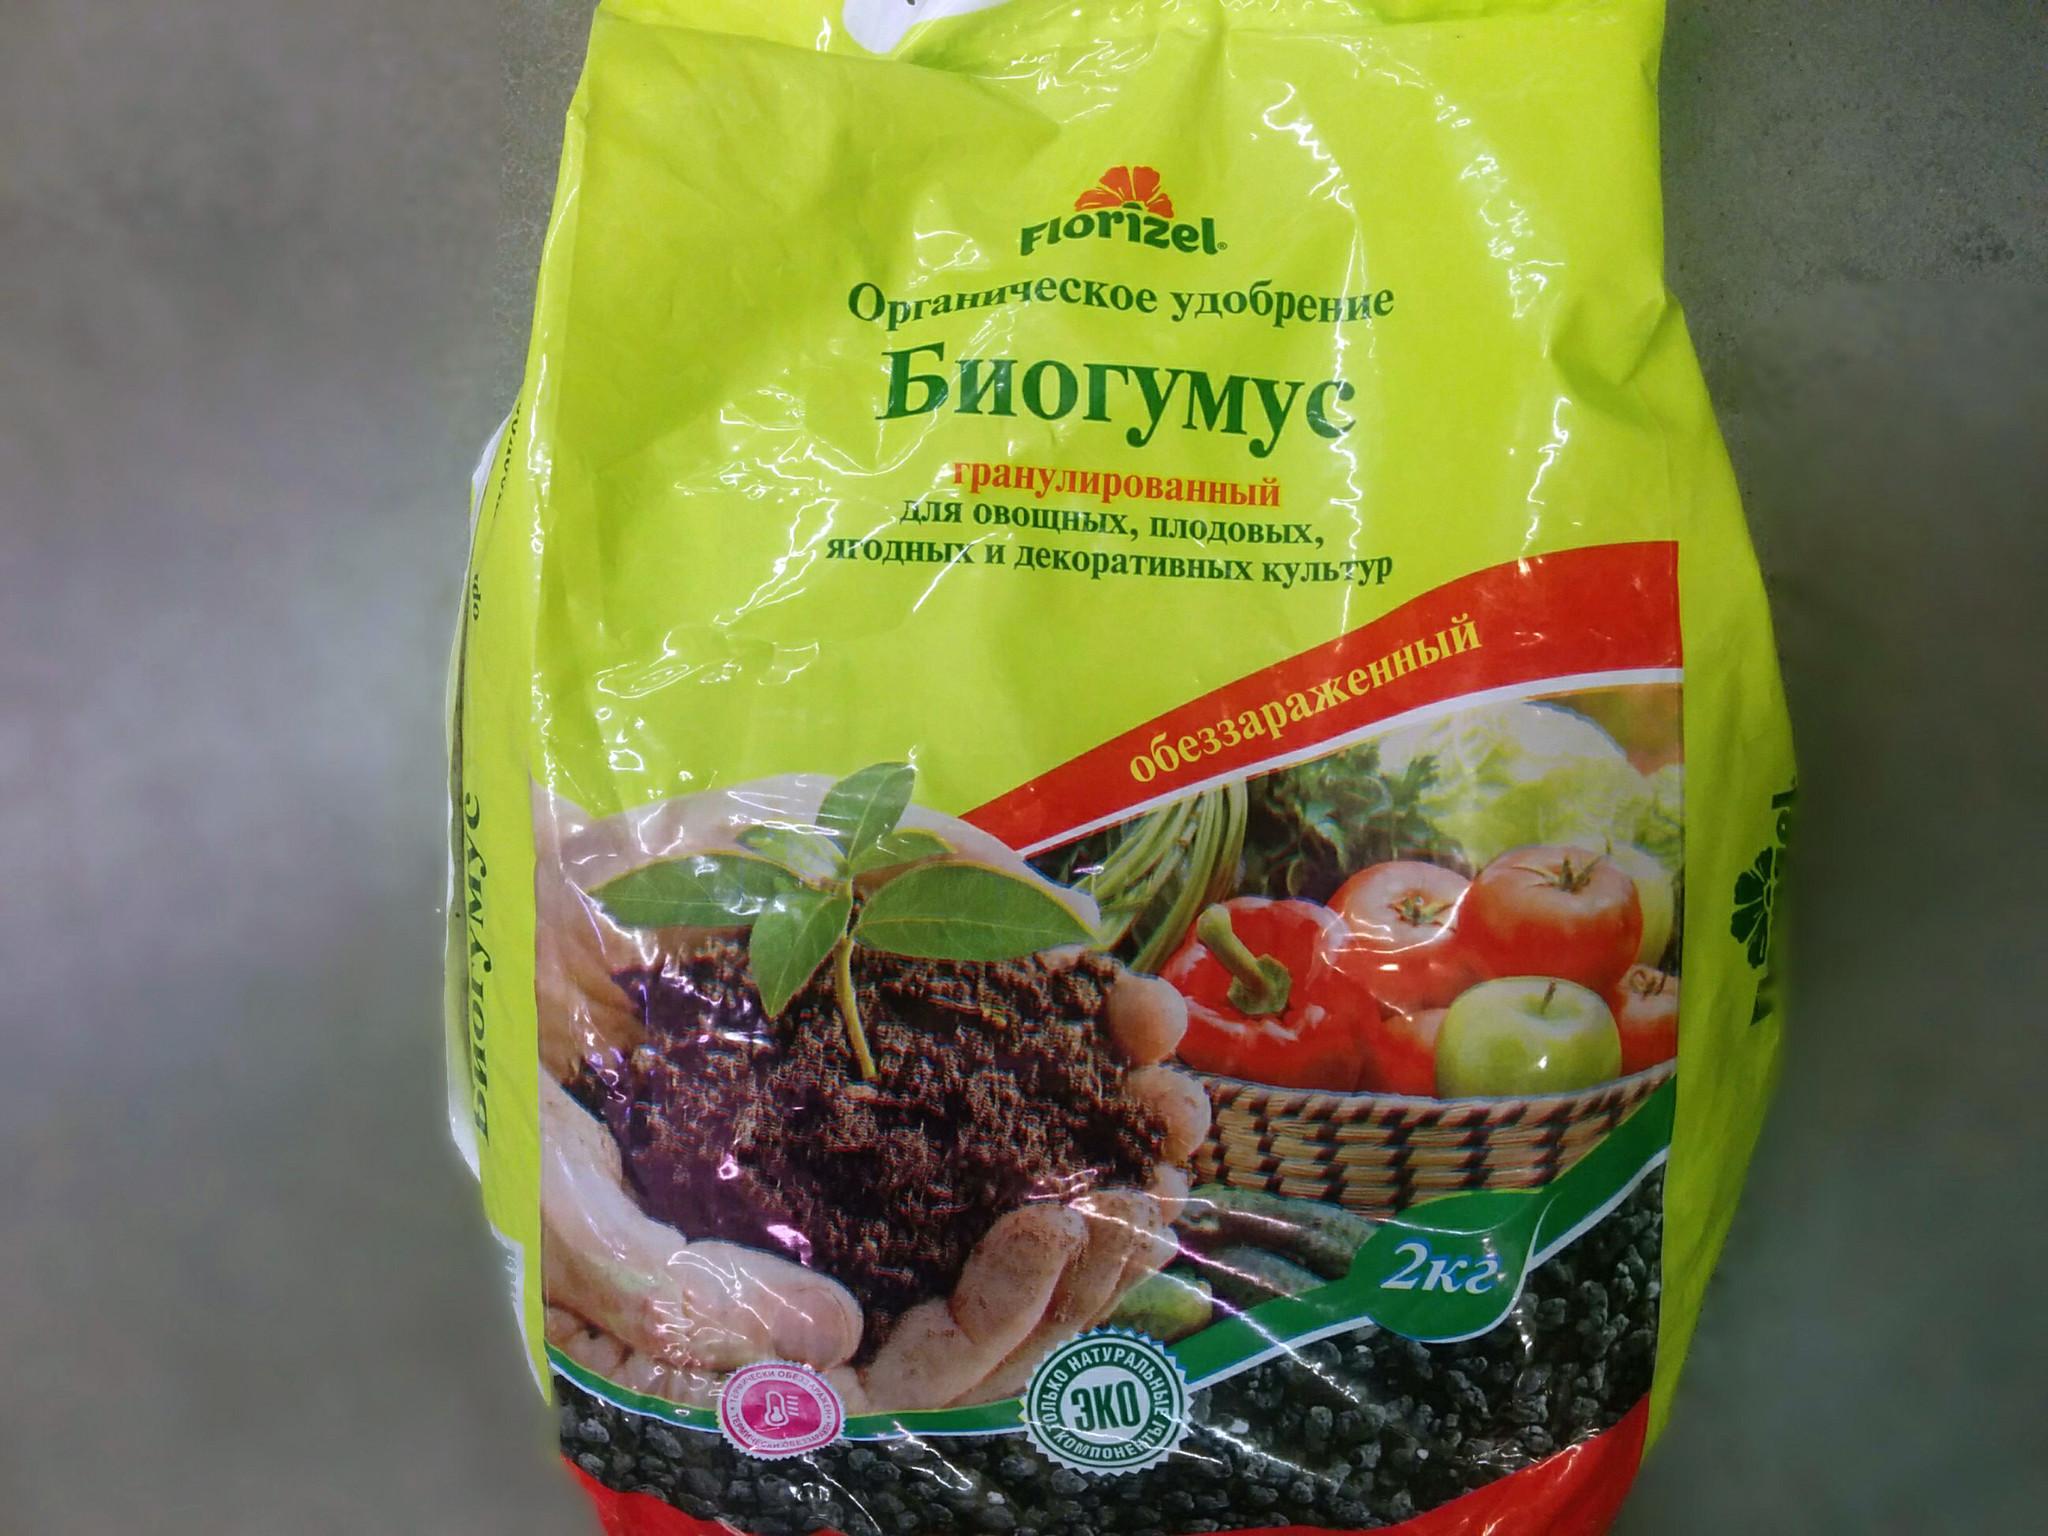 Органические удобрения - Биогумус (вермикомпост)